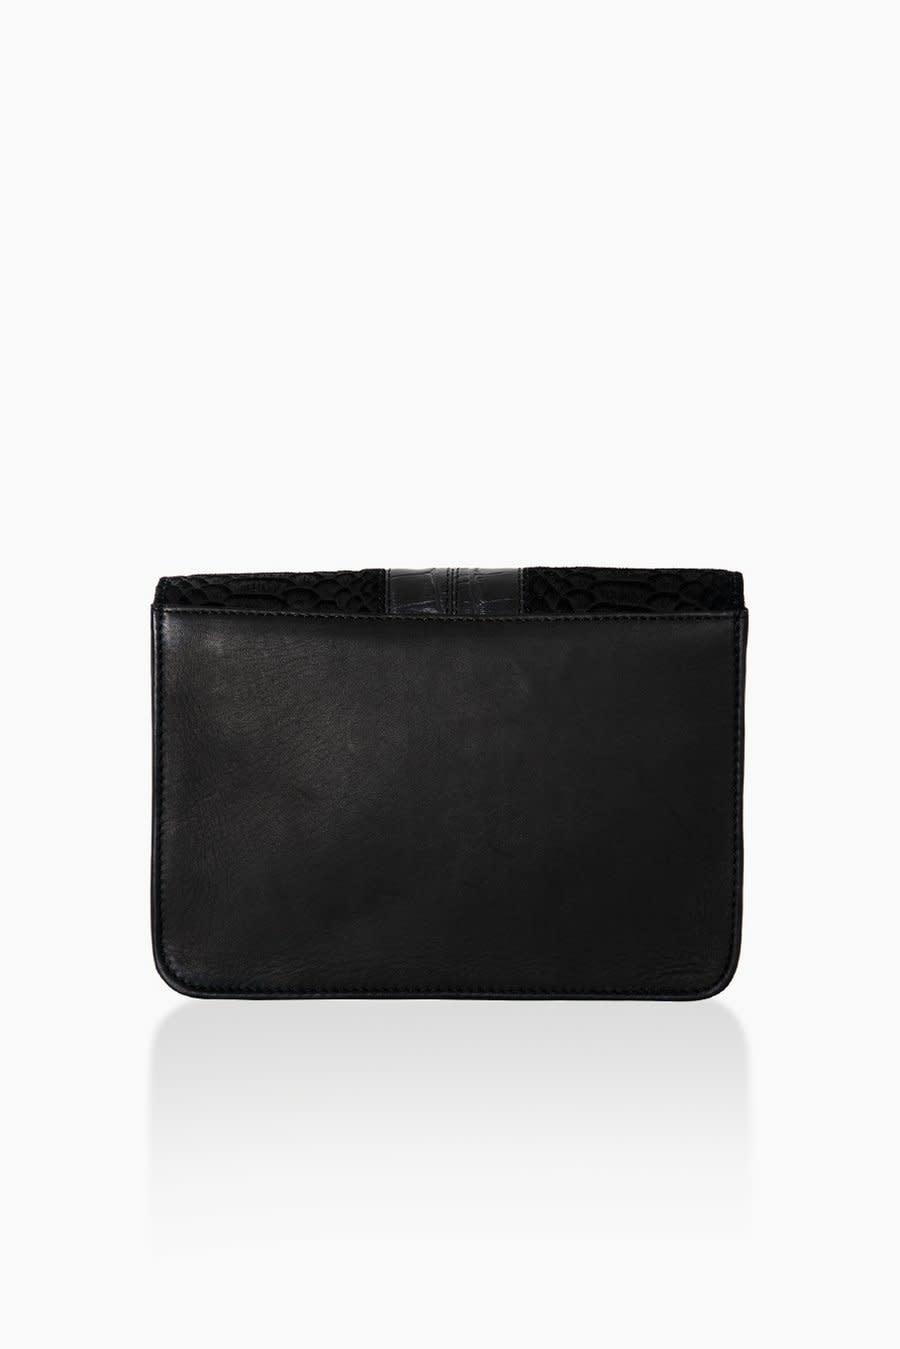 Détail Detail Hope handbag Black anaconda 21 x 7 x 15 cm